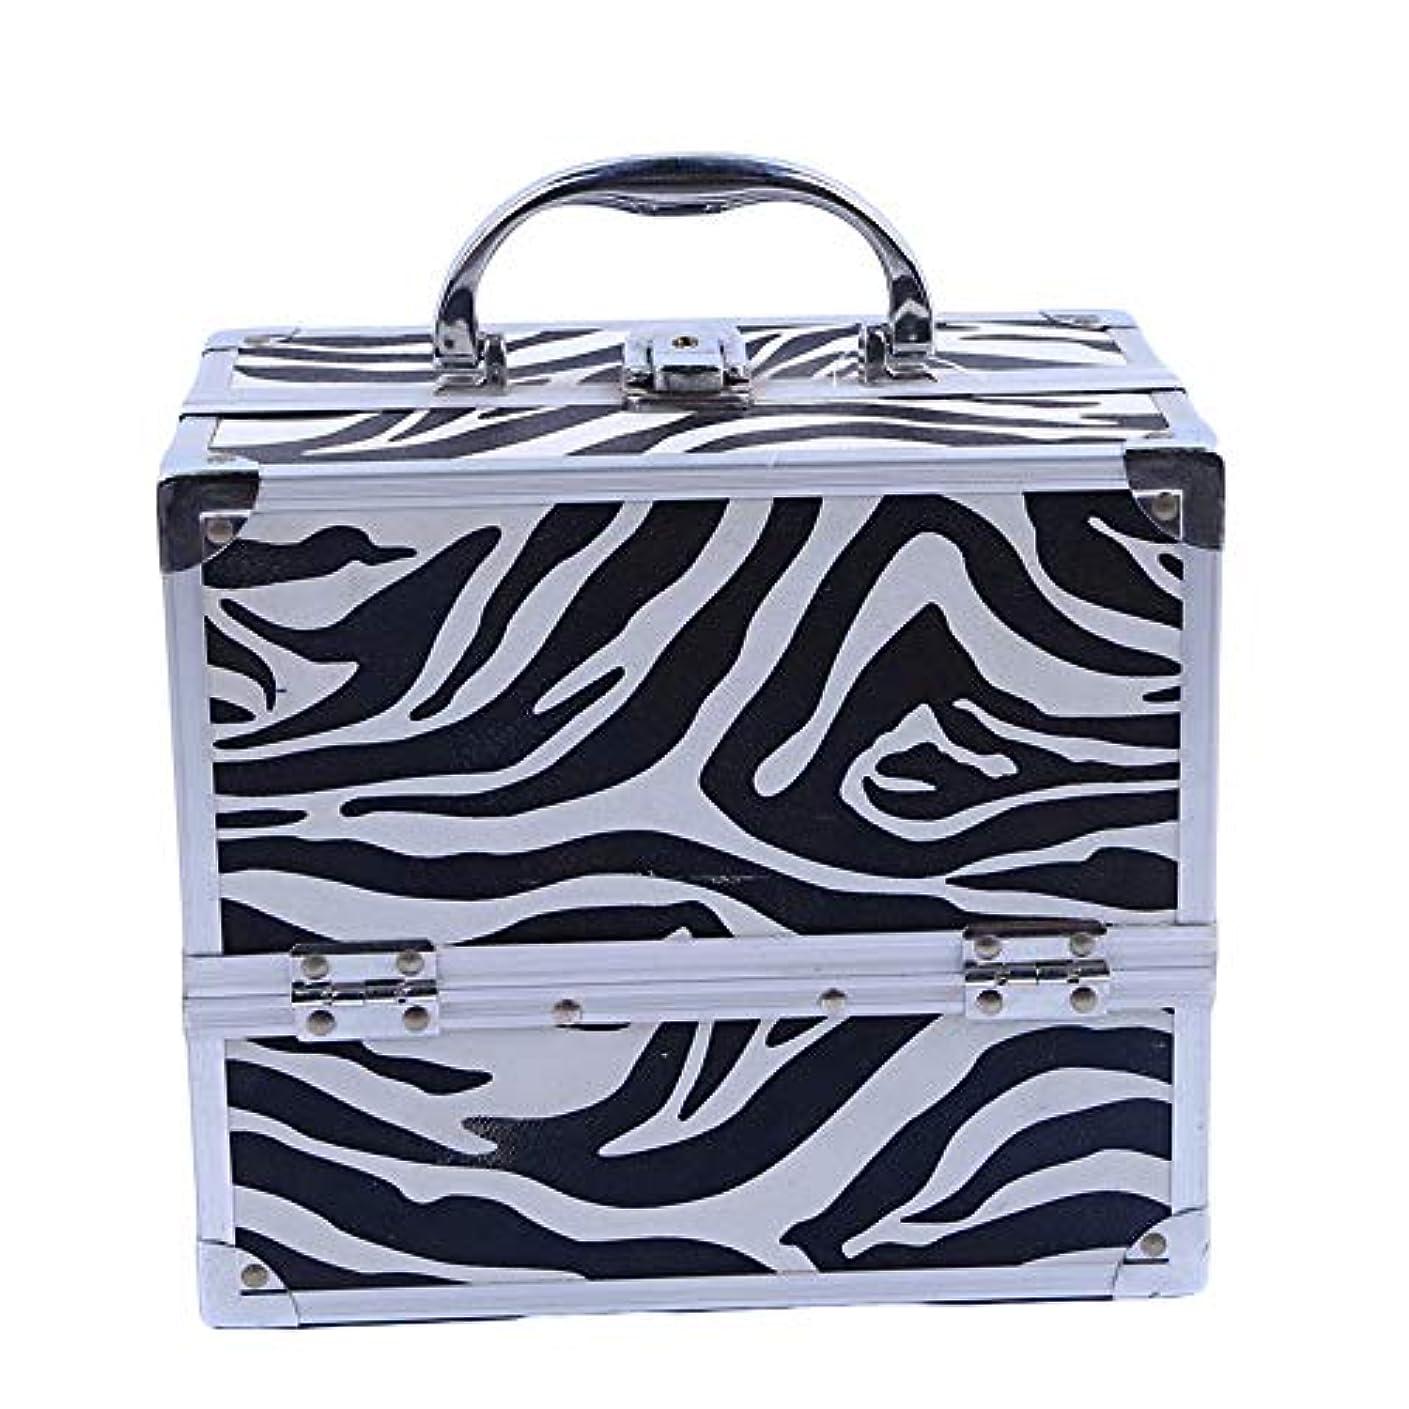 アナウンサーベッドパシフィック化粧オーガナイザーバッグ ゼブラストライプトラベルアクセサリーのポータブル化粧ケースシャンプーボディウォッシュパーソナルアイテムロックとトレイ付きの収納 化粧品ケース